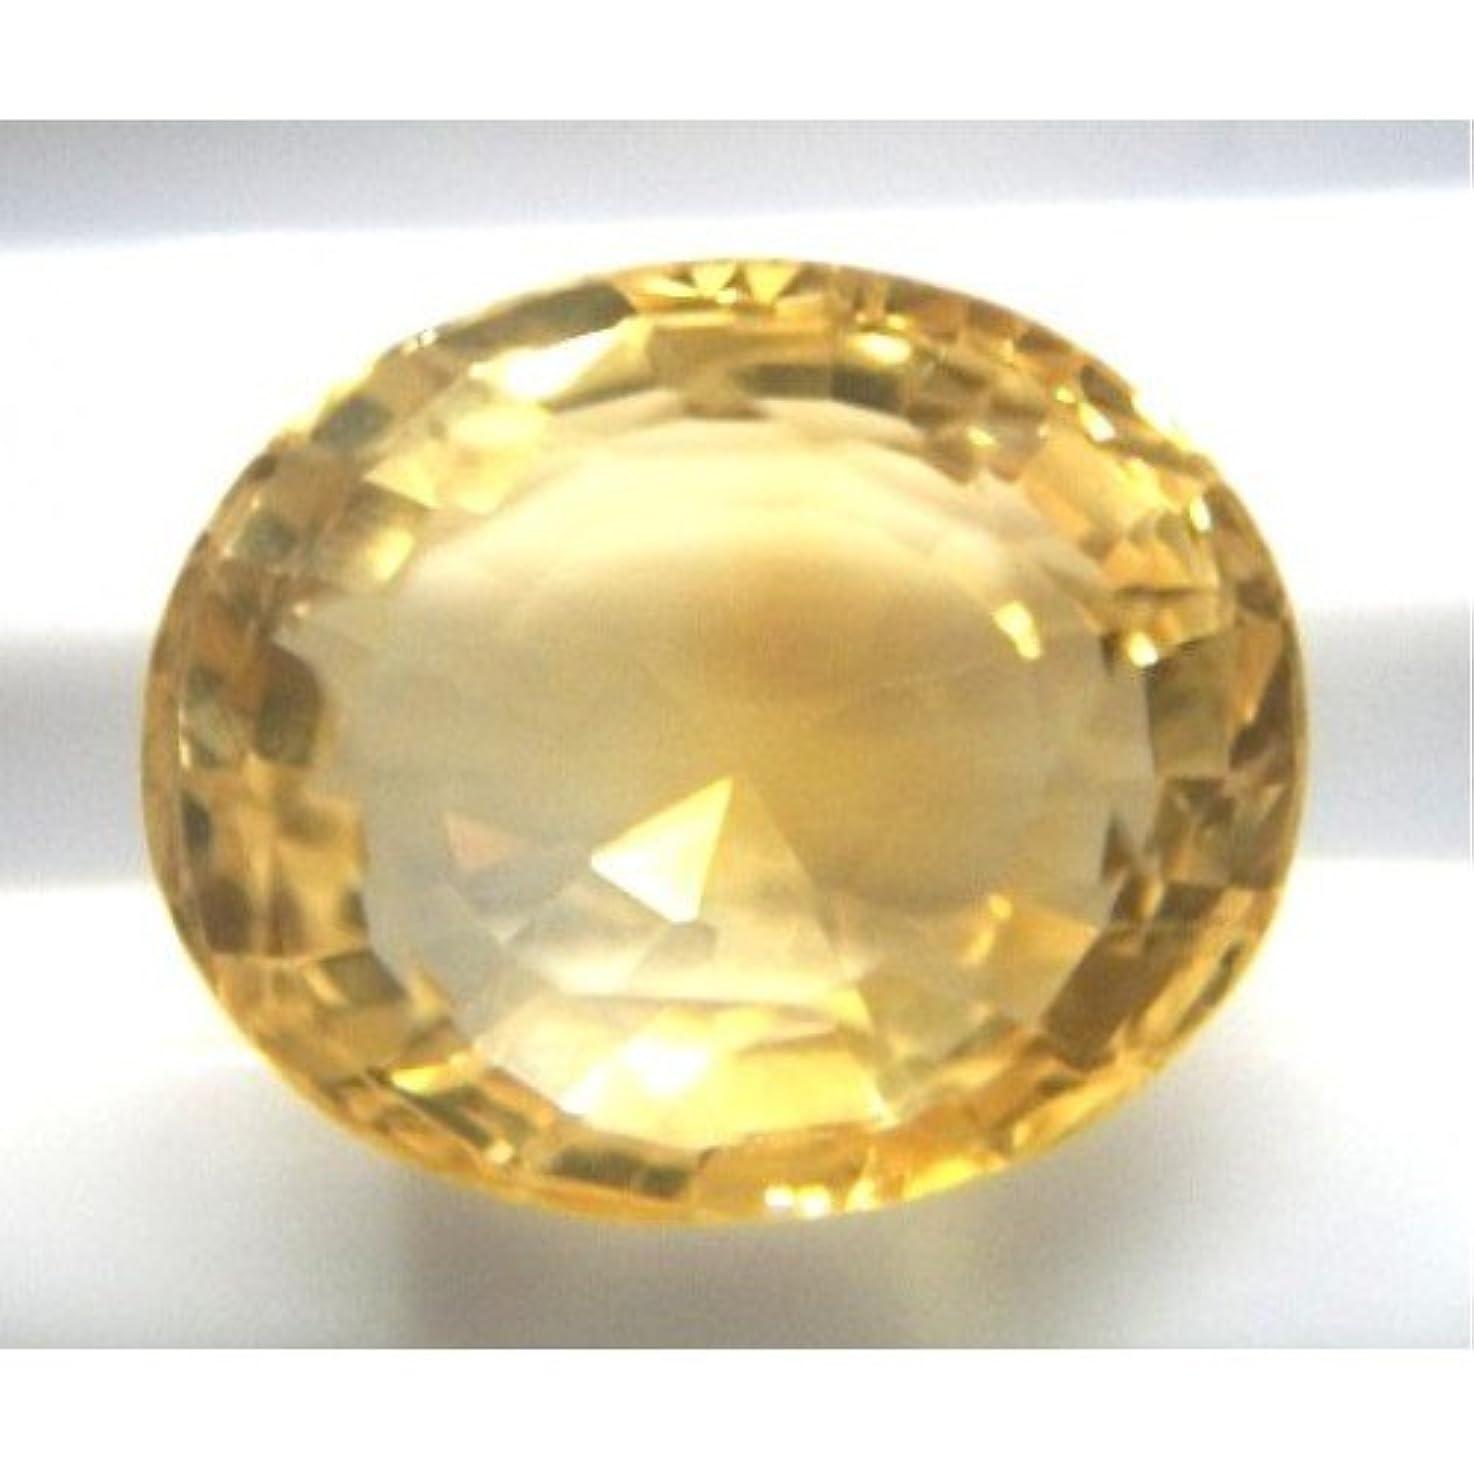 吸収振り子息子シトリン石元認定天然sunehla宝石4.9カラットby gemselect